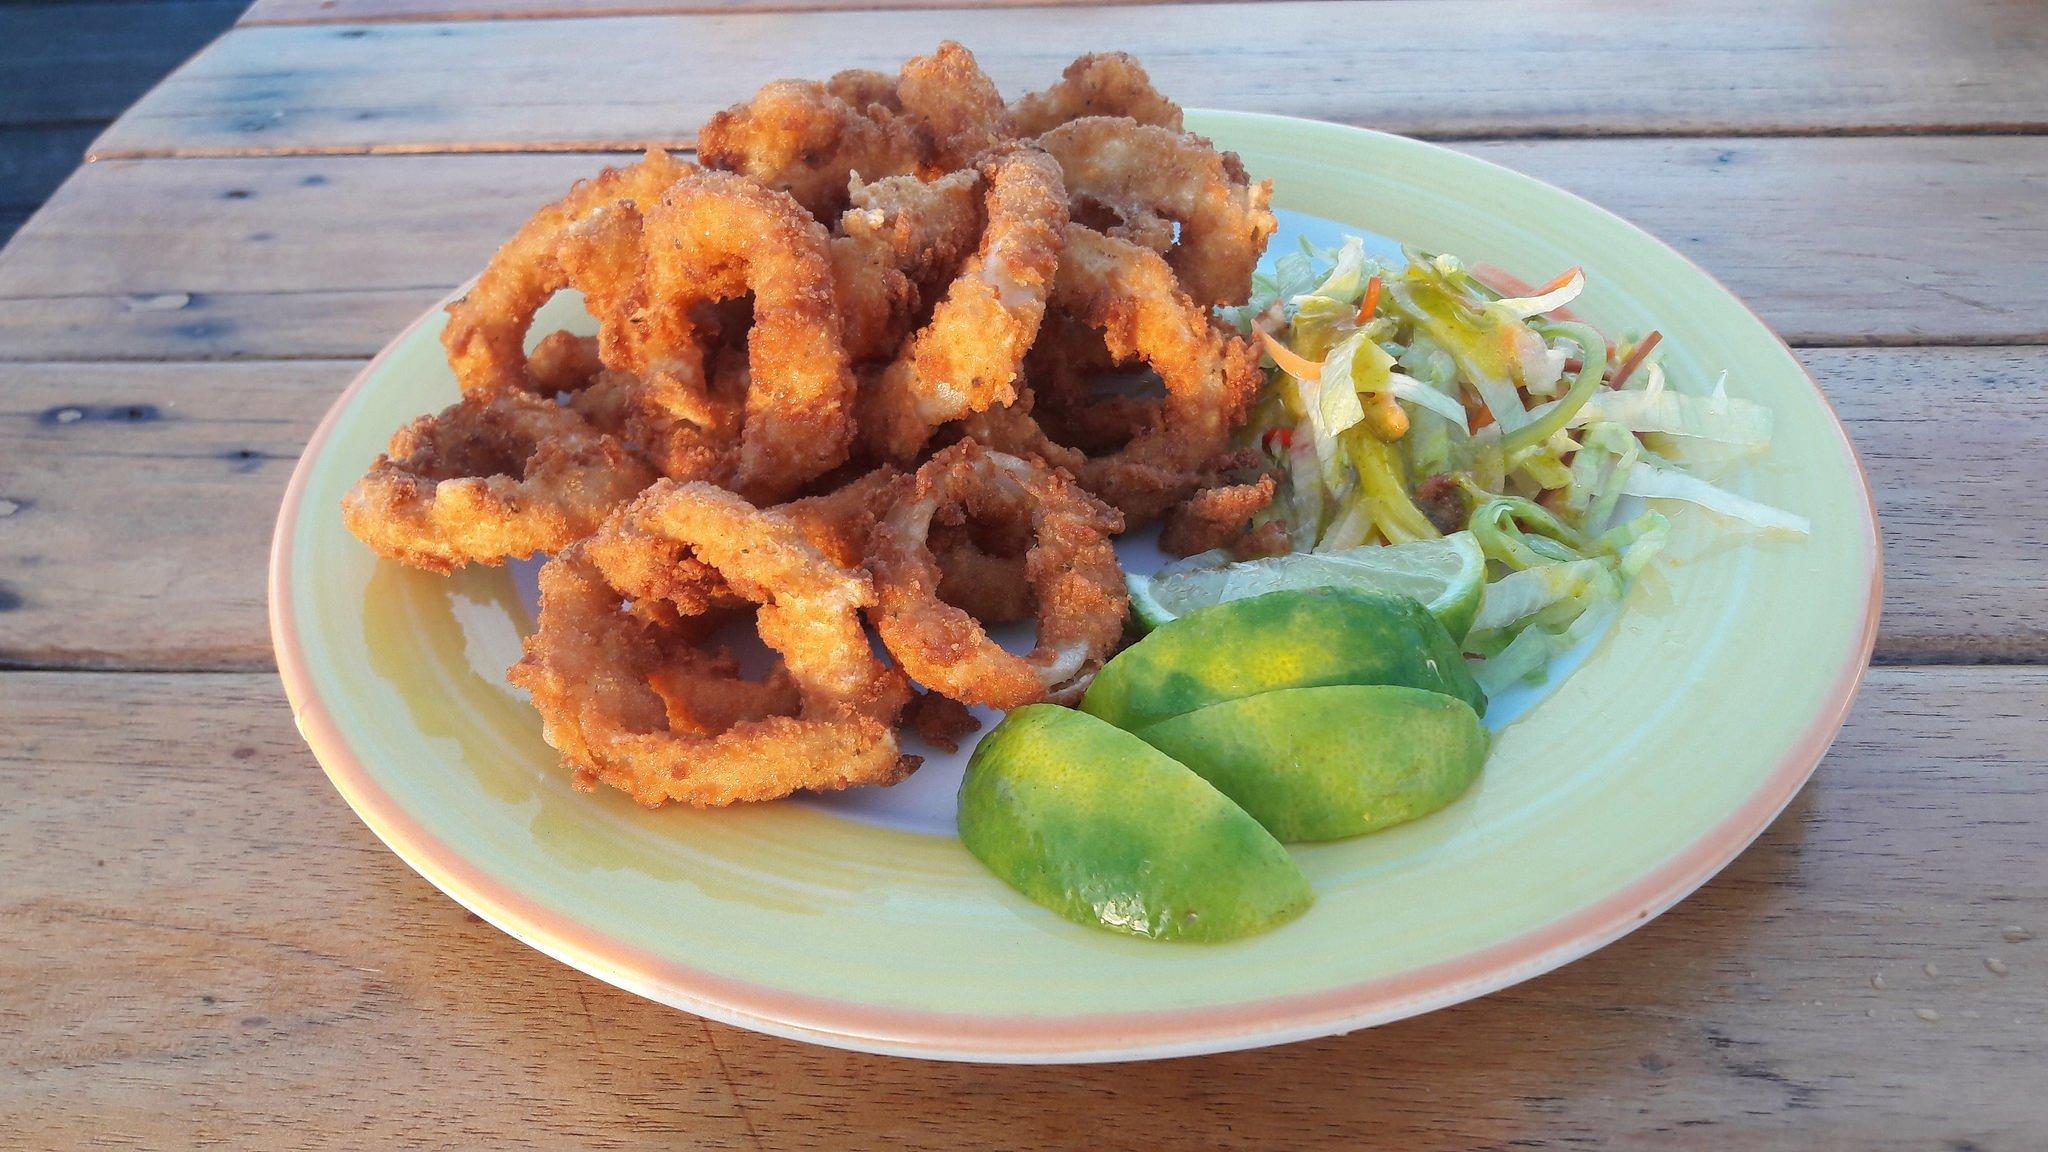 Calamars frits à la romaine, recette italie